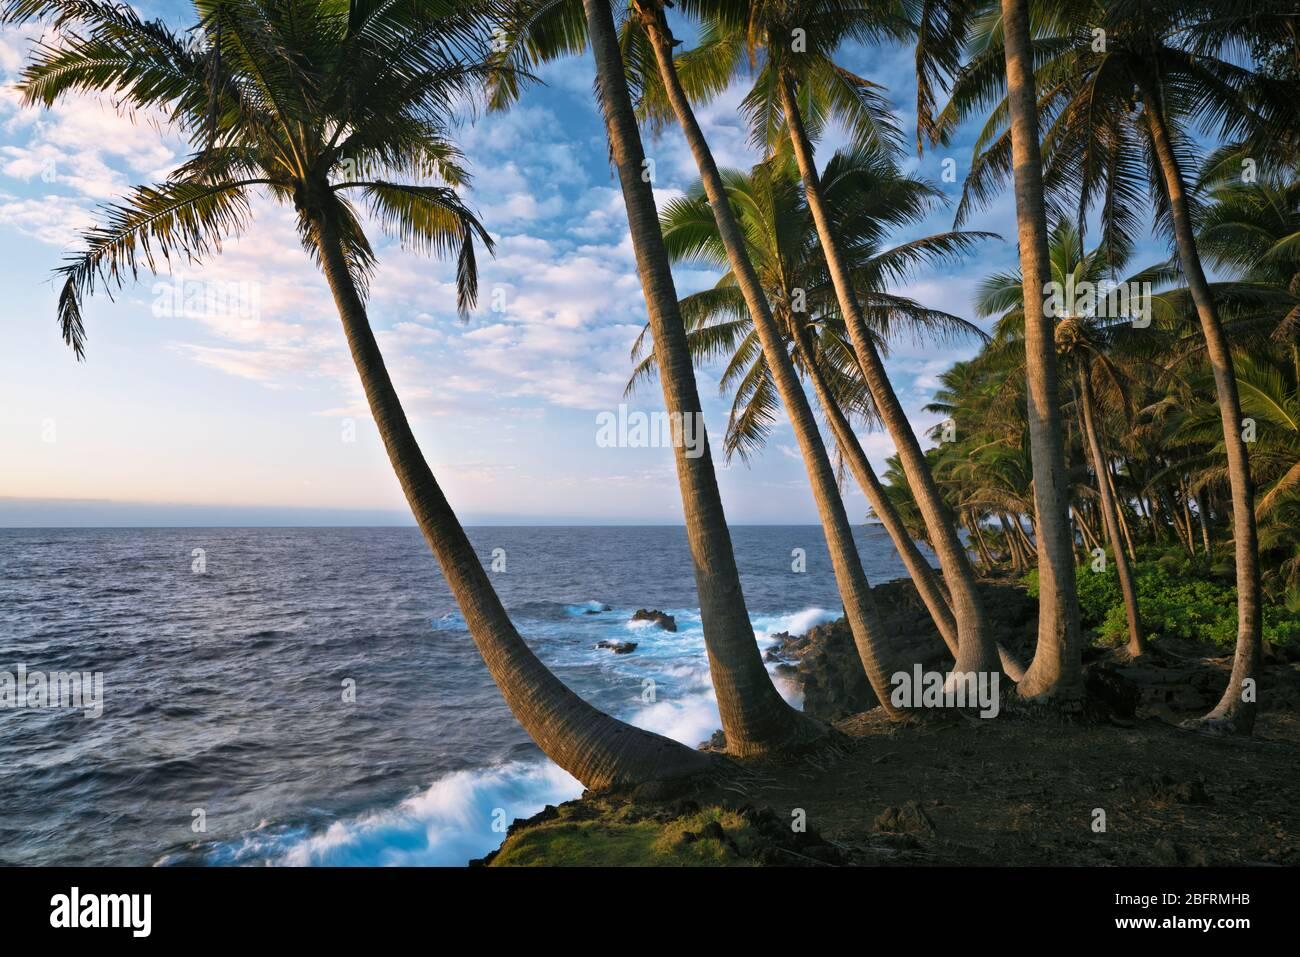 Première beauté légère le long de la côte de Puna bordée de palmiers sur la Grande île d'Hawaï. Banque D'Images